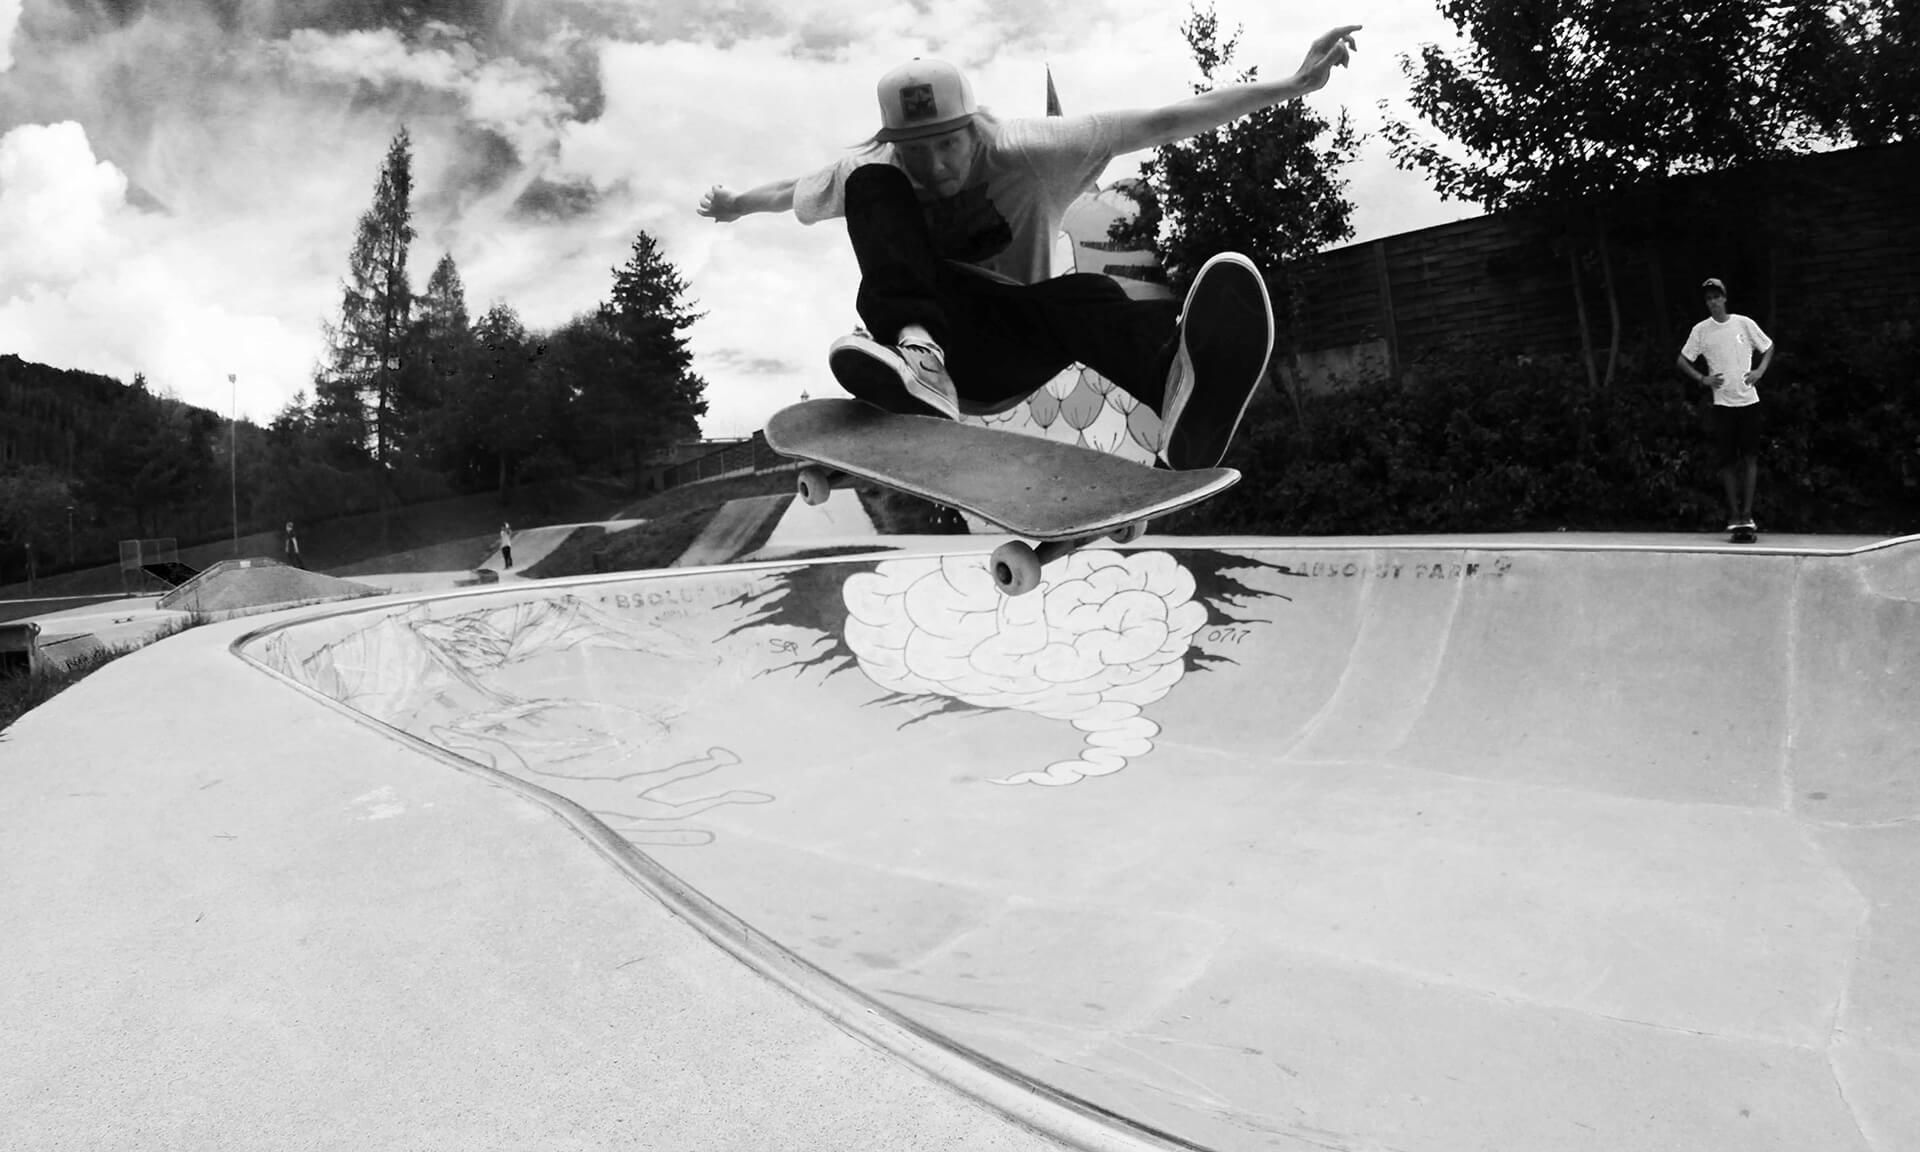 Clemens Millauer: Skate Air